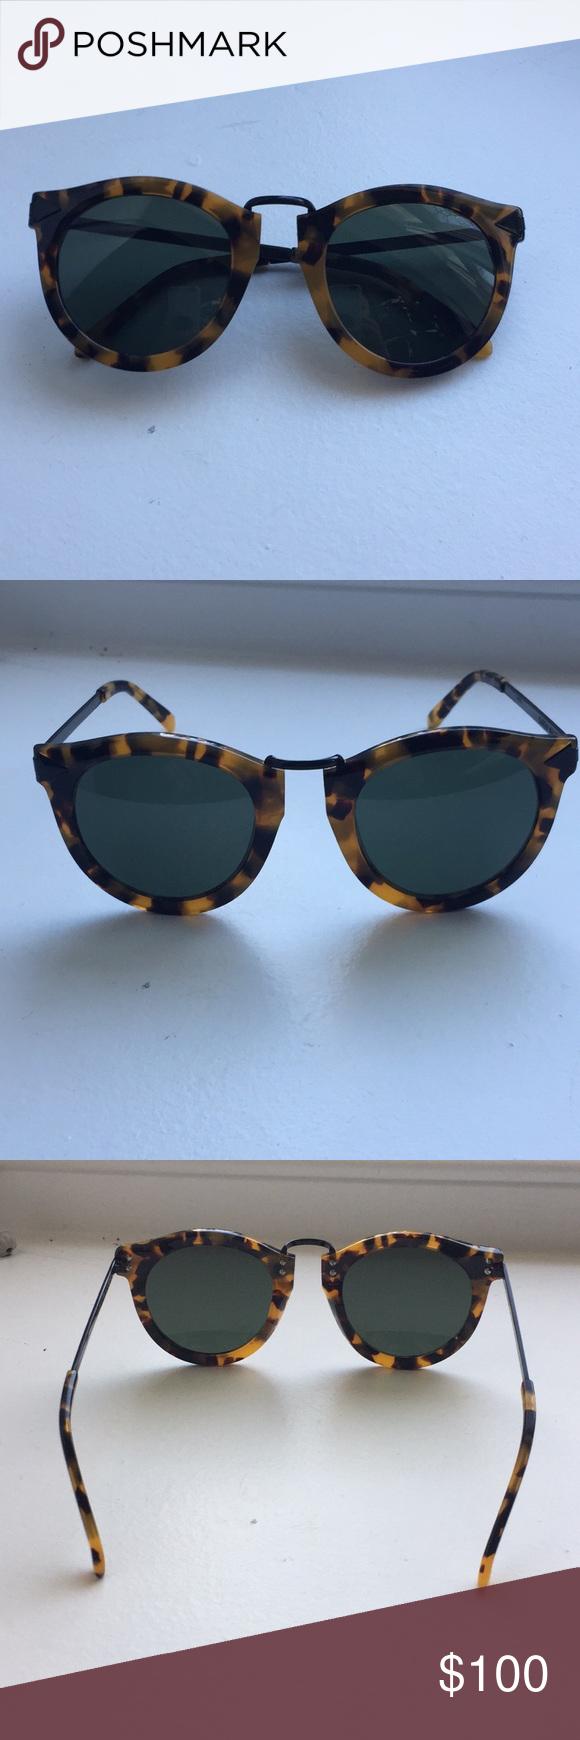 3af0a87afcd Karen Walker HARVEST 50mm Sunglasses